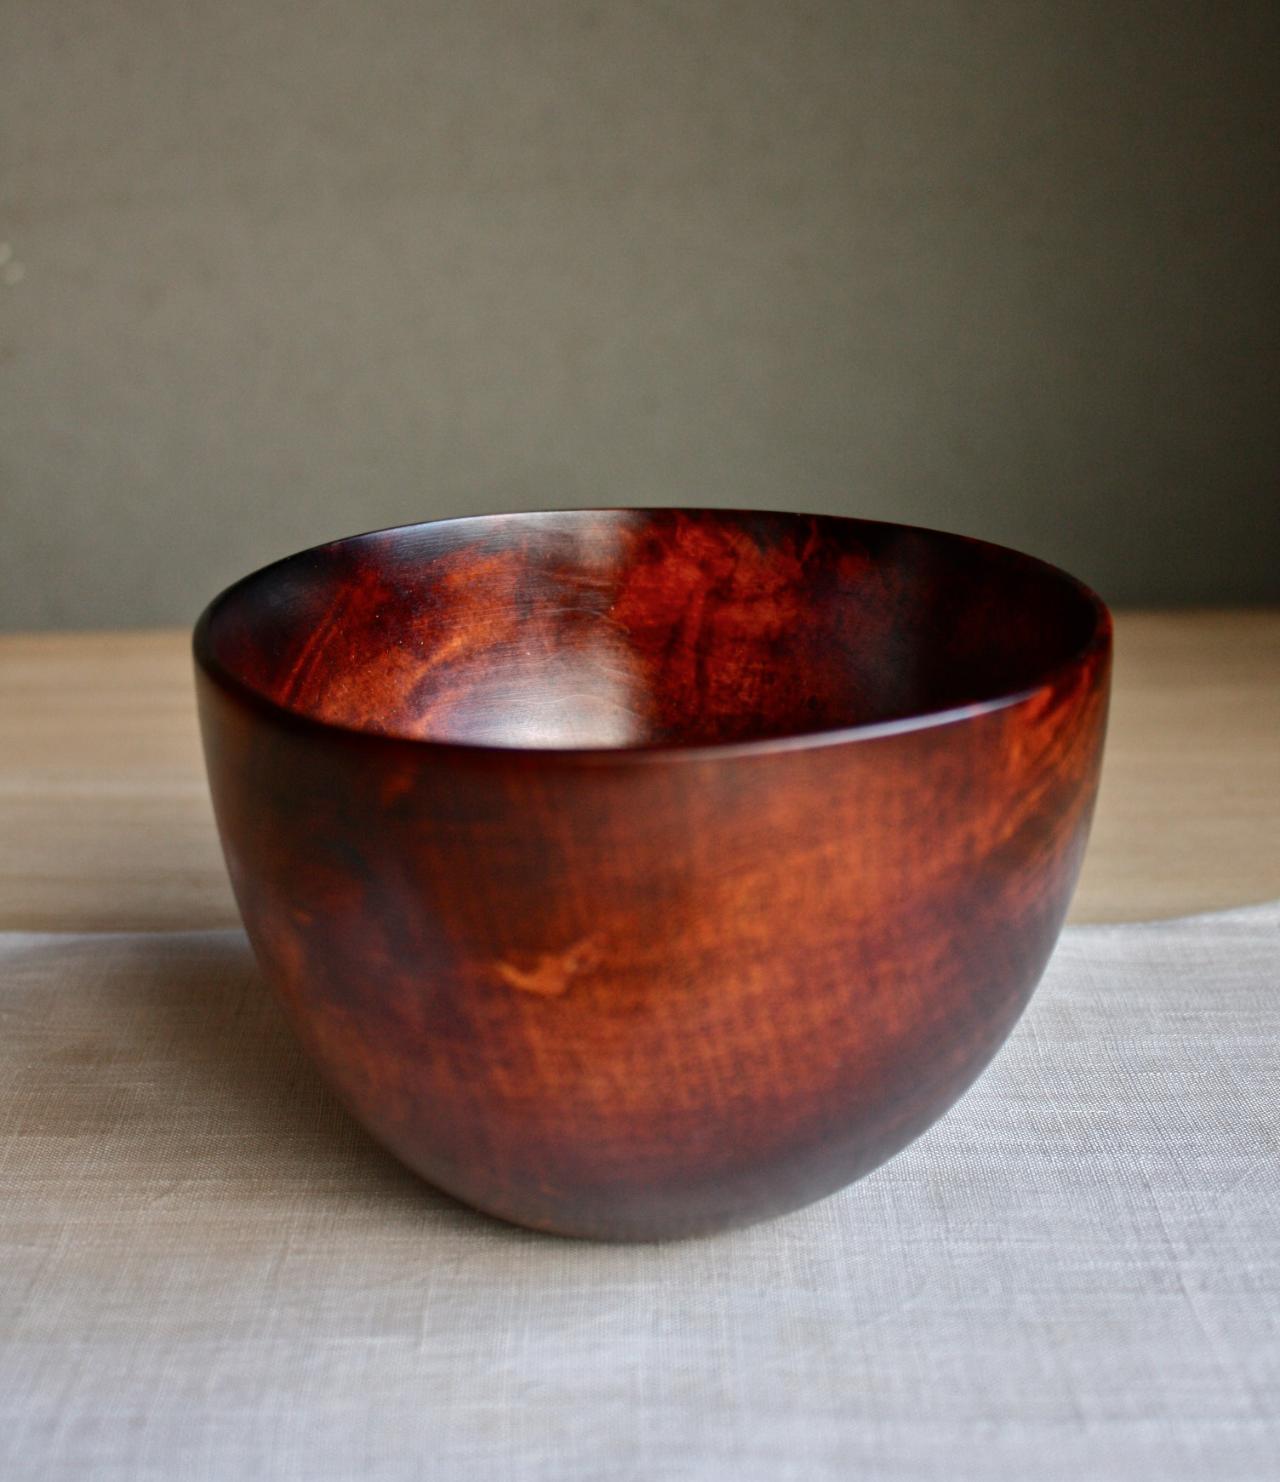 bowl urush finishing